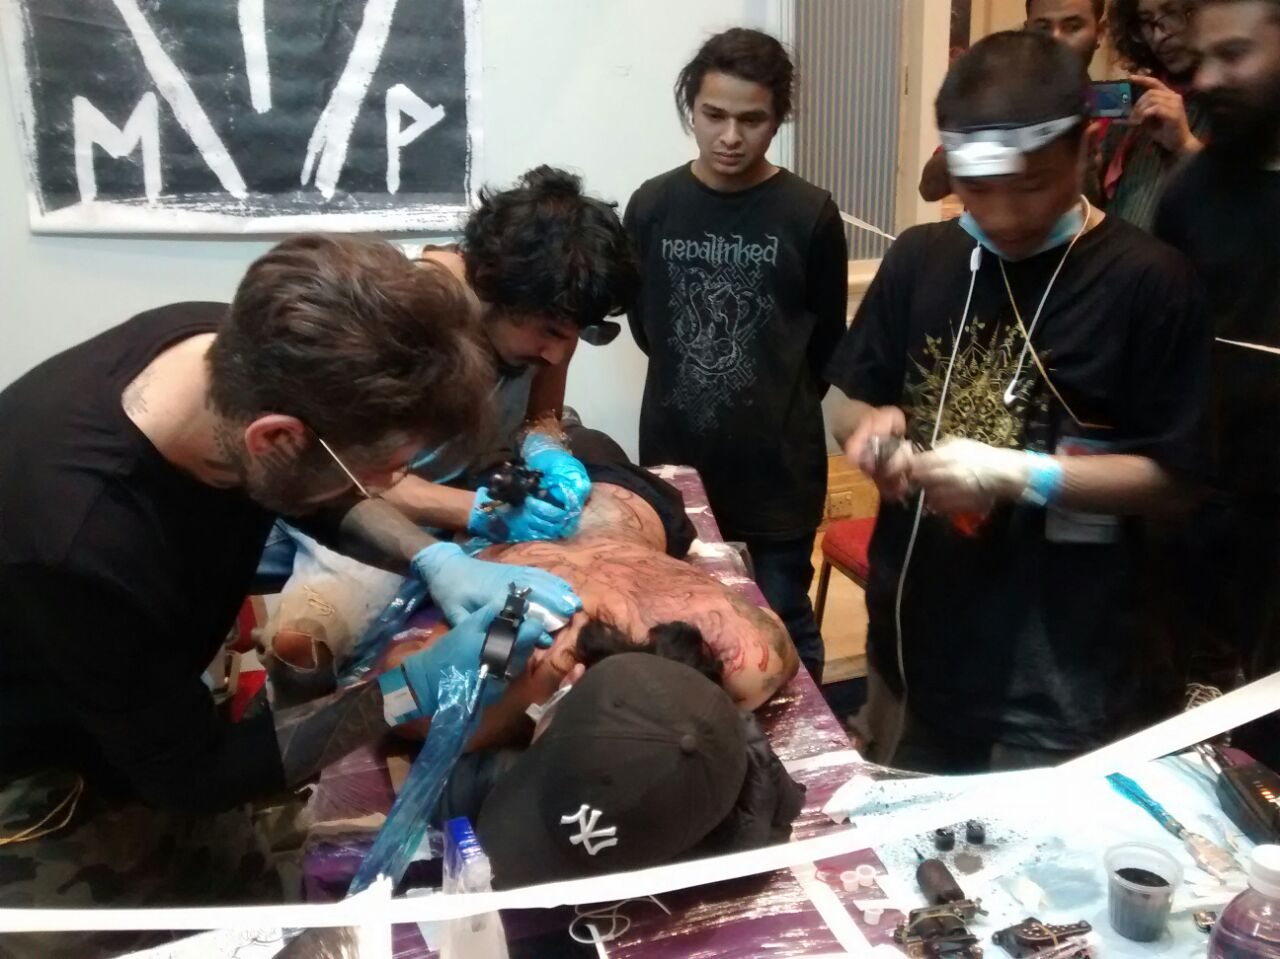 Nepal Tattoo Convention 2016: #ThePowerOfWe